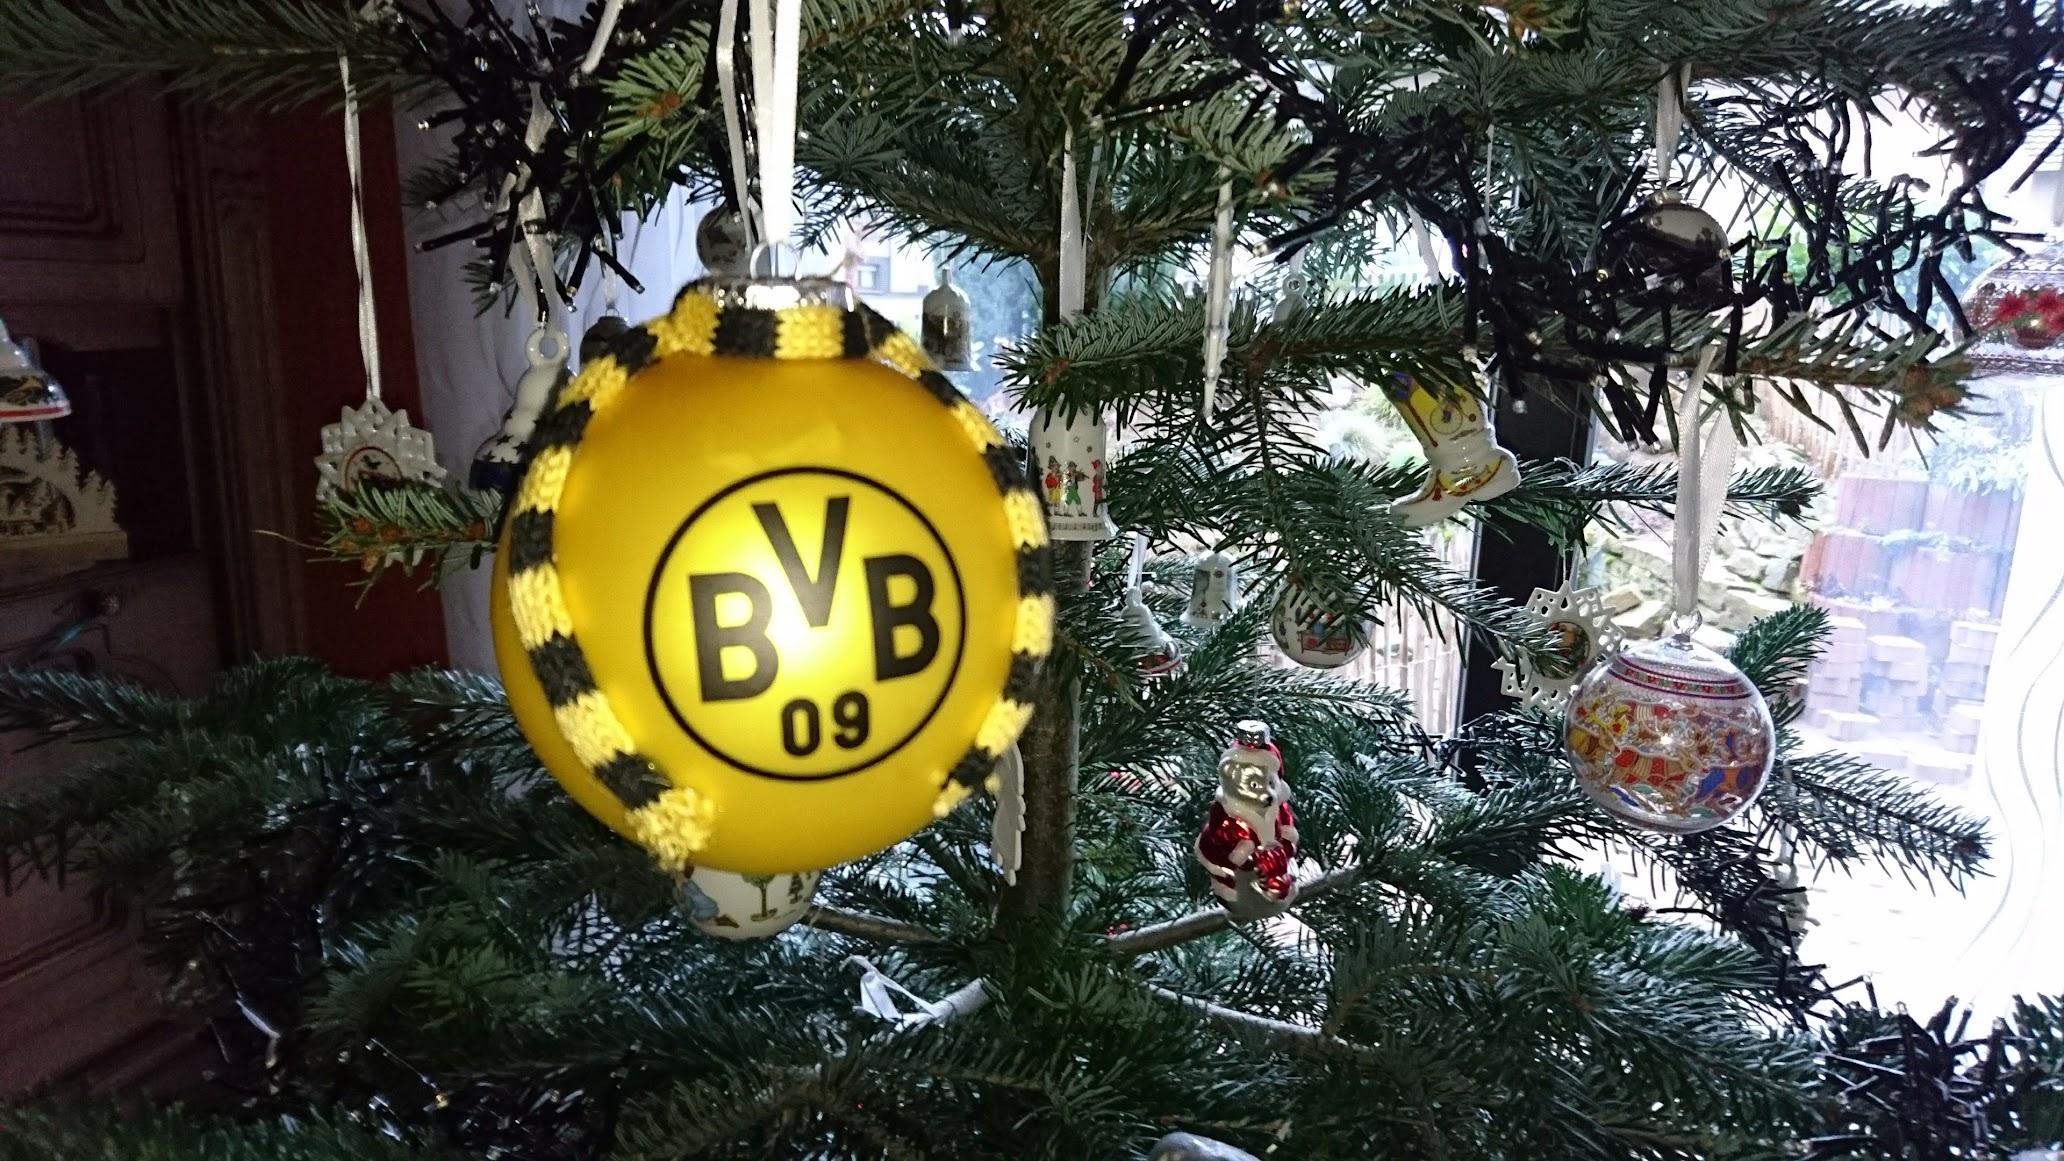 Bvb Weihnachtsbaum.Das War Weihnachten 2016 In Ostwestfalen Ein Ostwestfale Im Rheinland